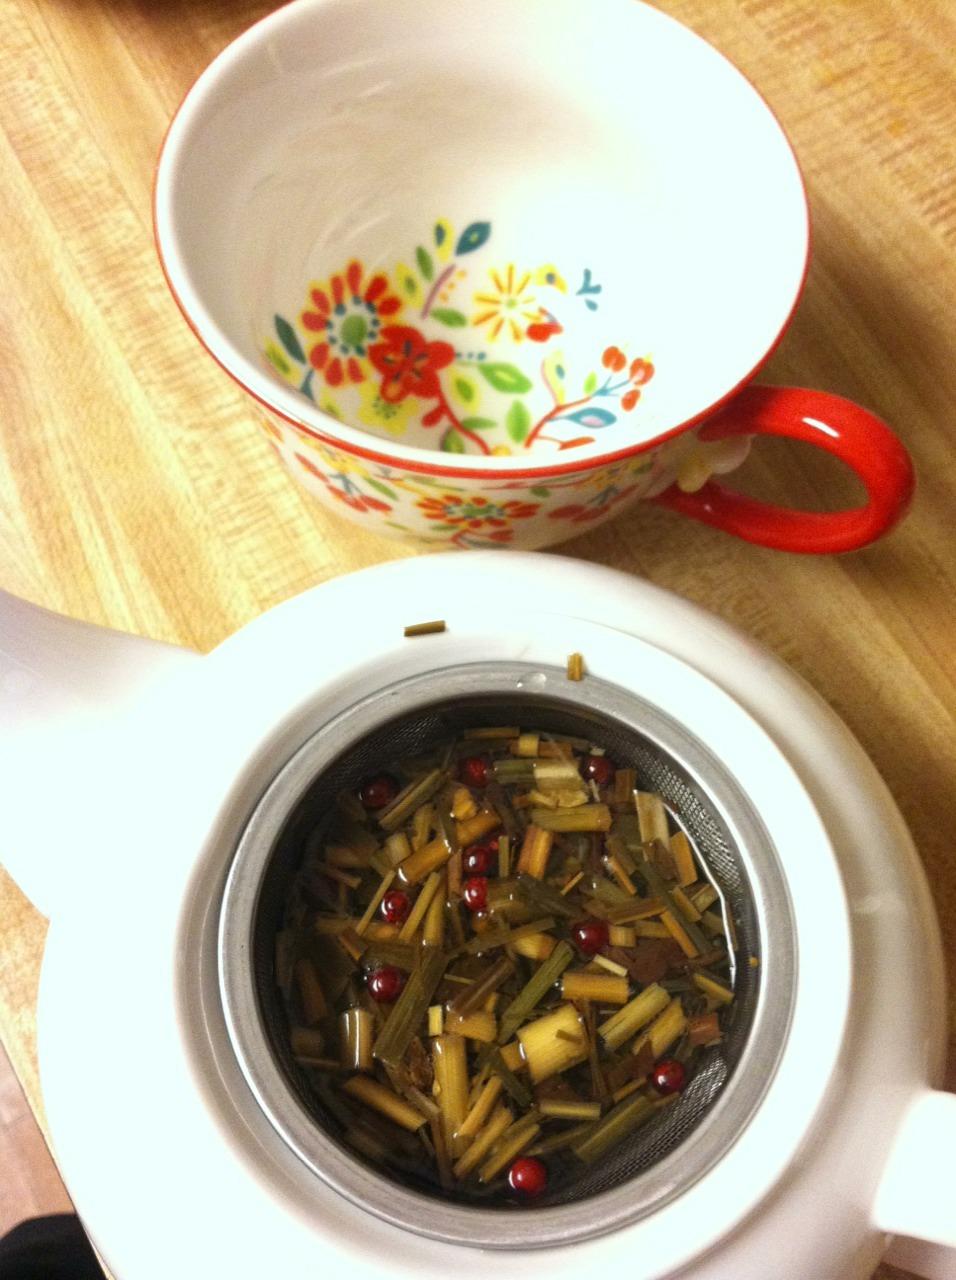 pas besoin d'etre une star pour boire un thé vert 43